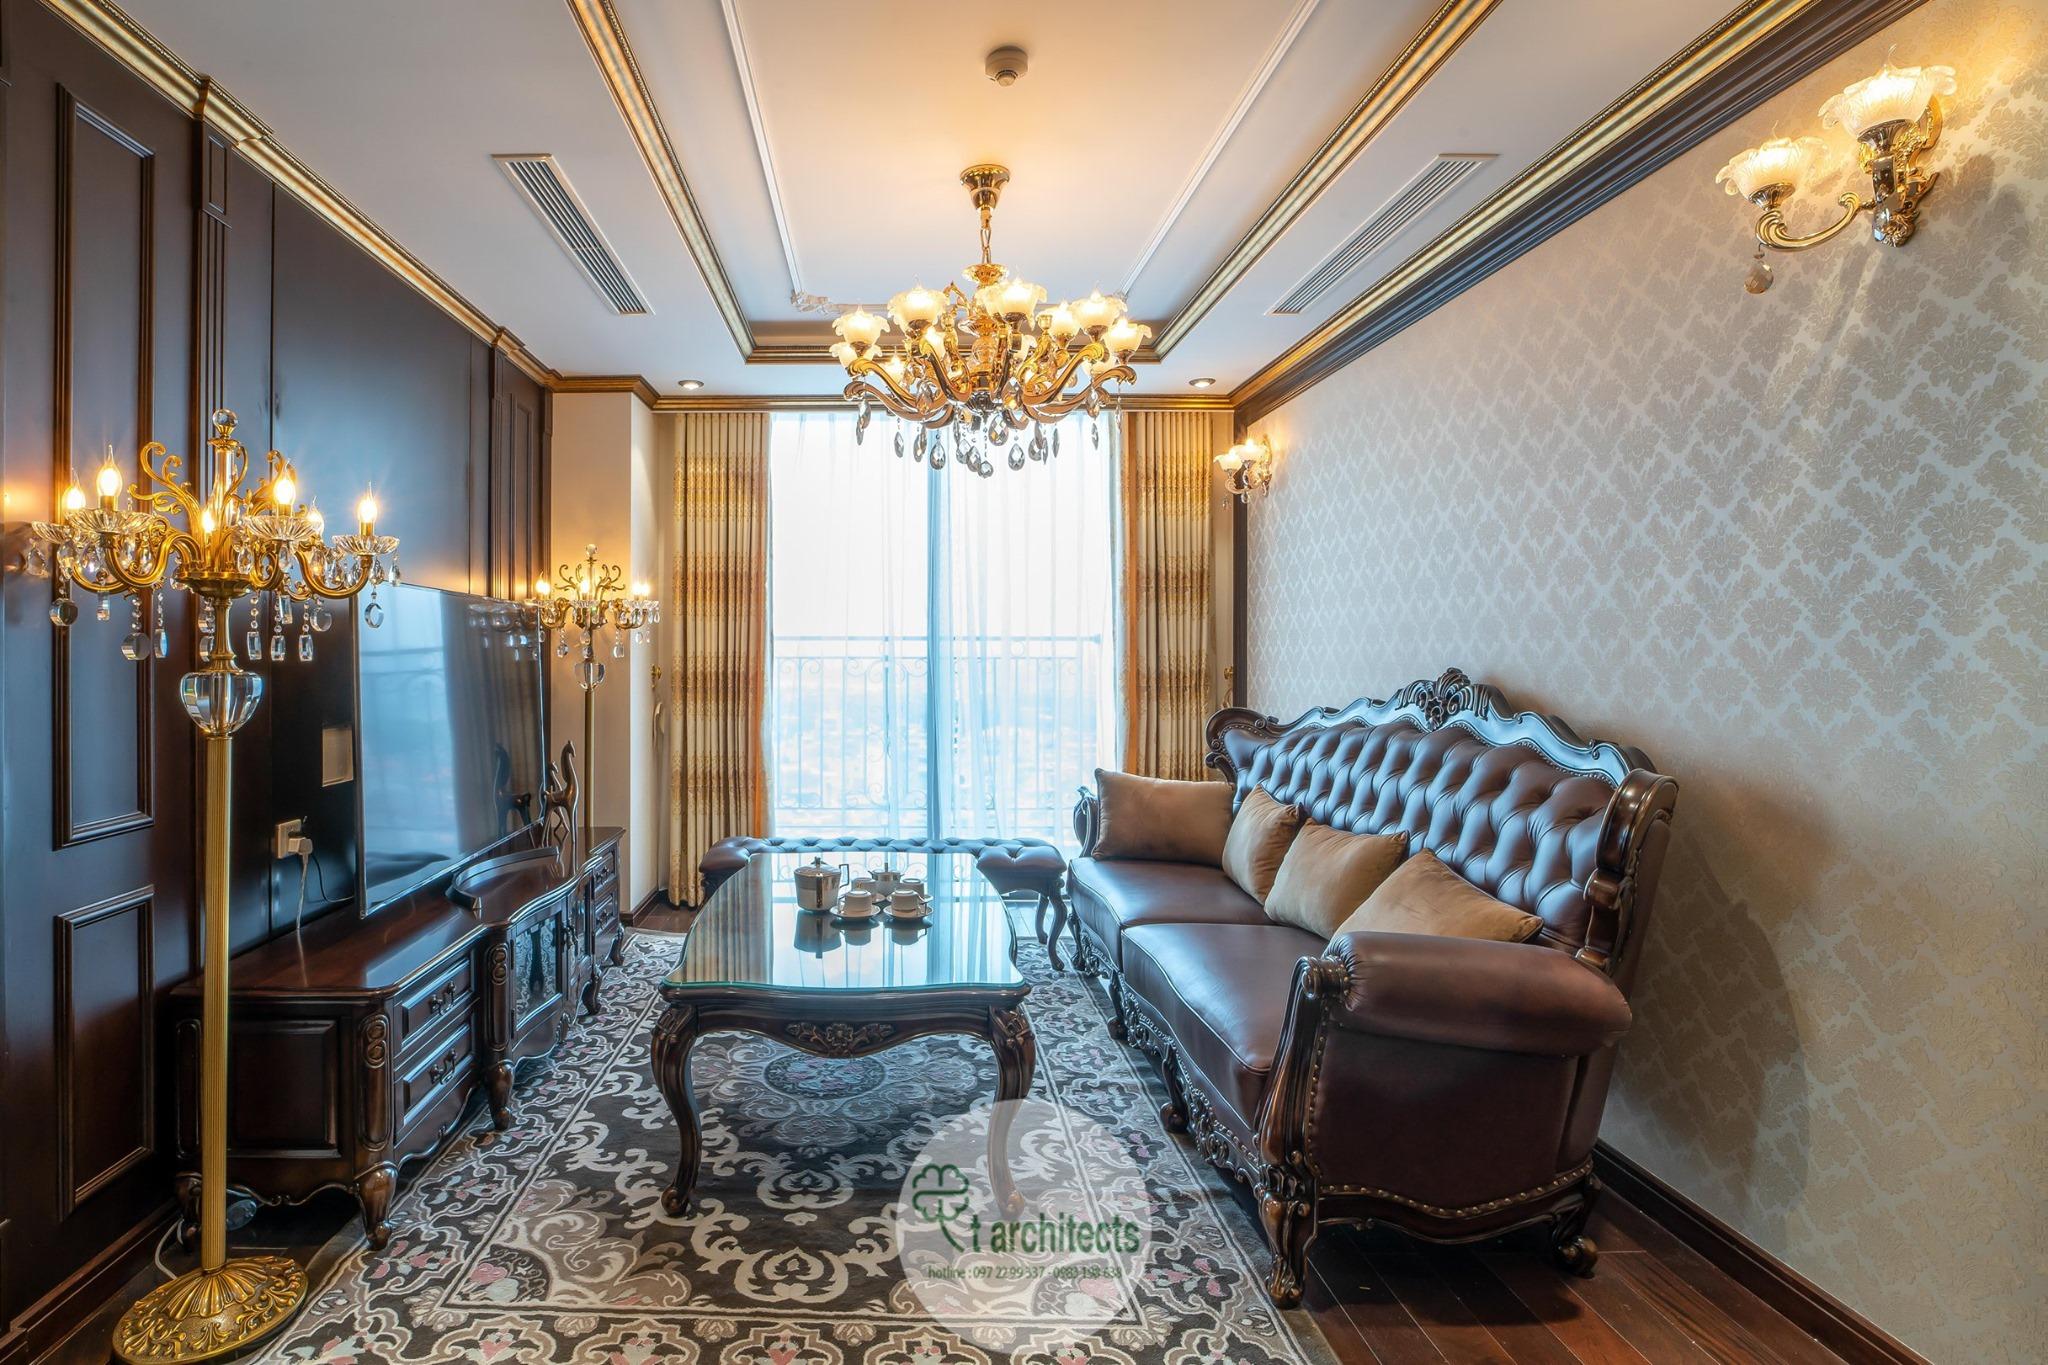 Thiết kế nội thất Chung Cư tại Hà Nội Thiết kế 6 căn hộ mẫu chung cư HC GOLDEN CITY 1589766599 5